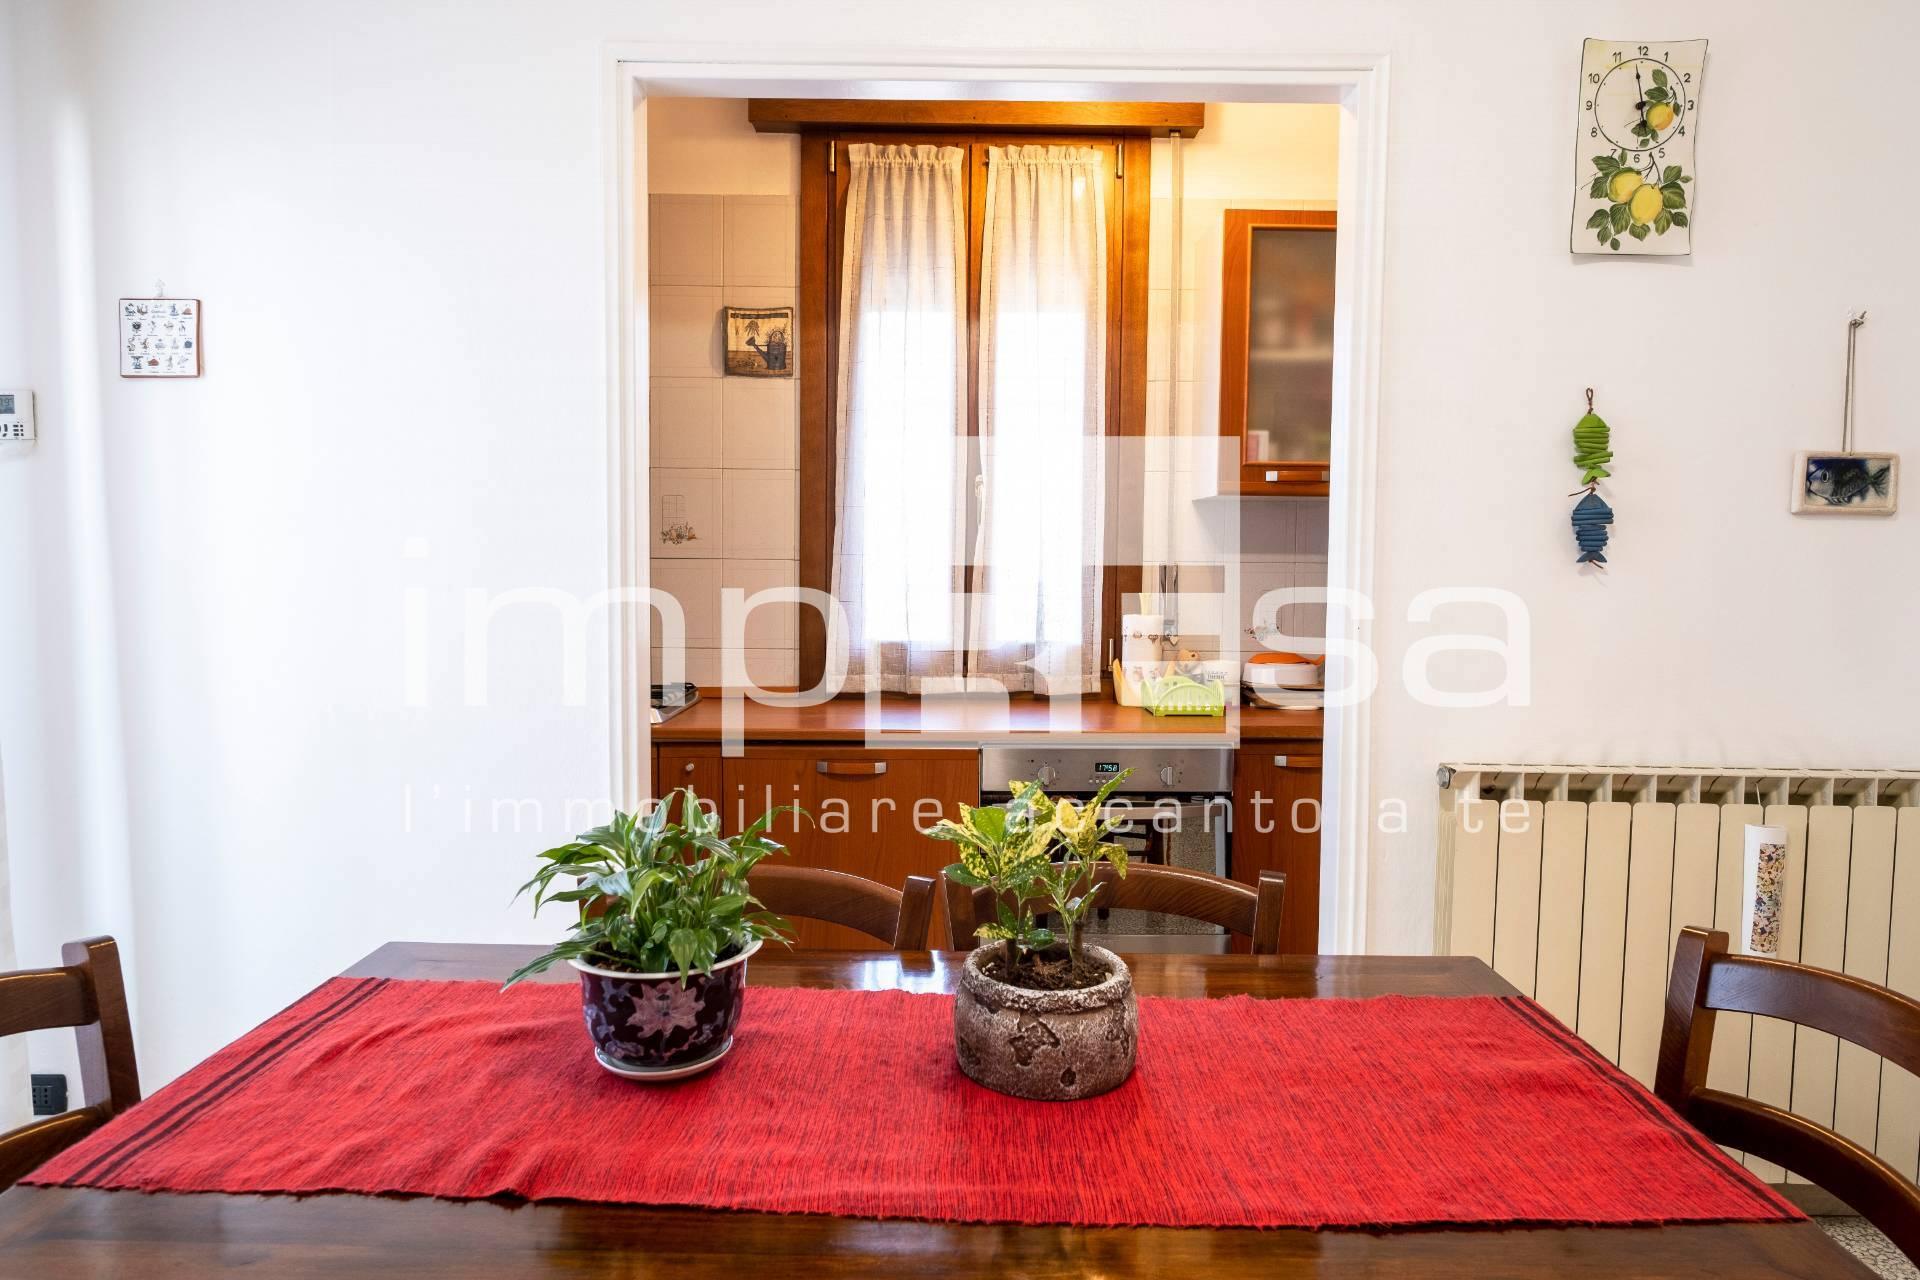 Appartamento in vendita a Mogliano Veneto, 4 locali, prezzo € 91.000   PortaleAgenzieImmobiliari.it